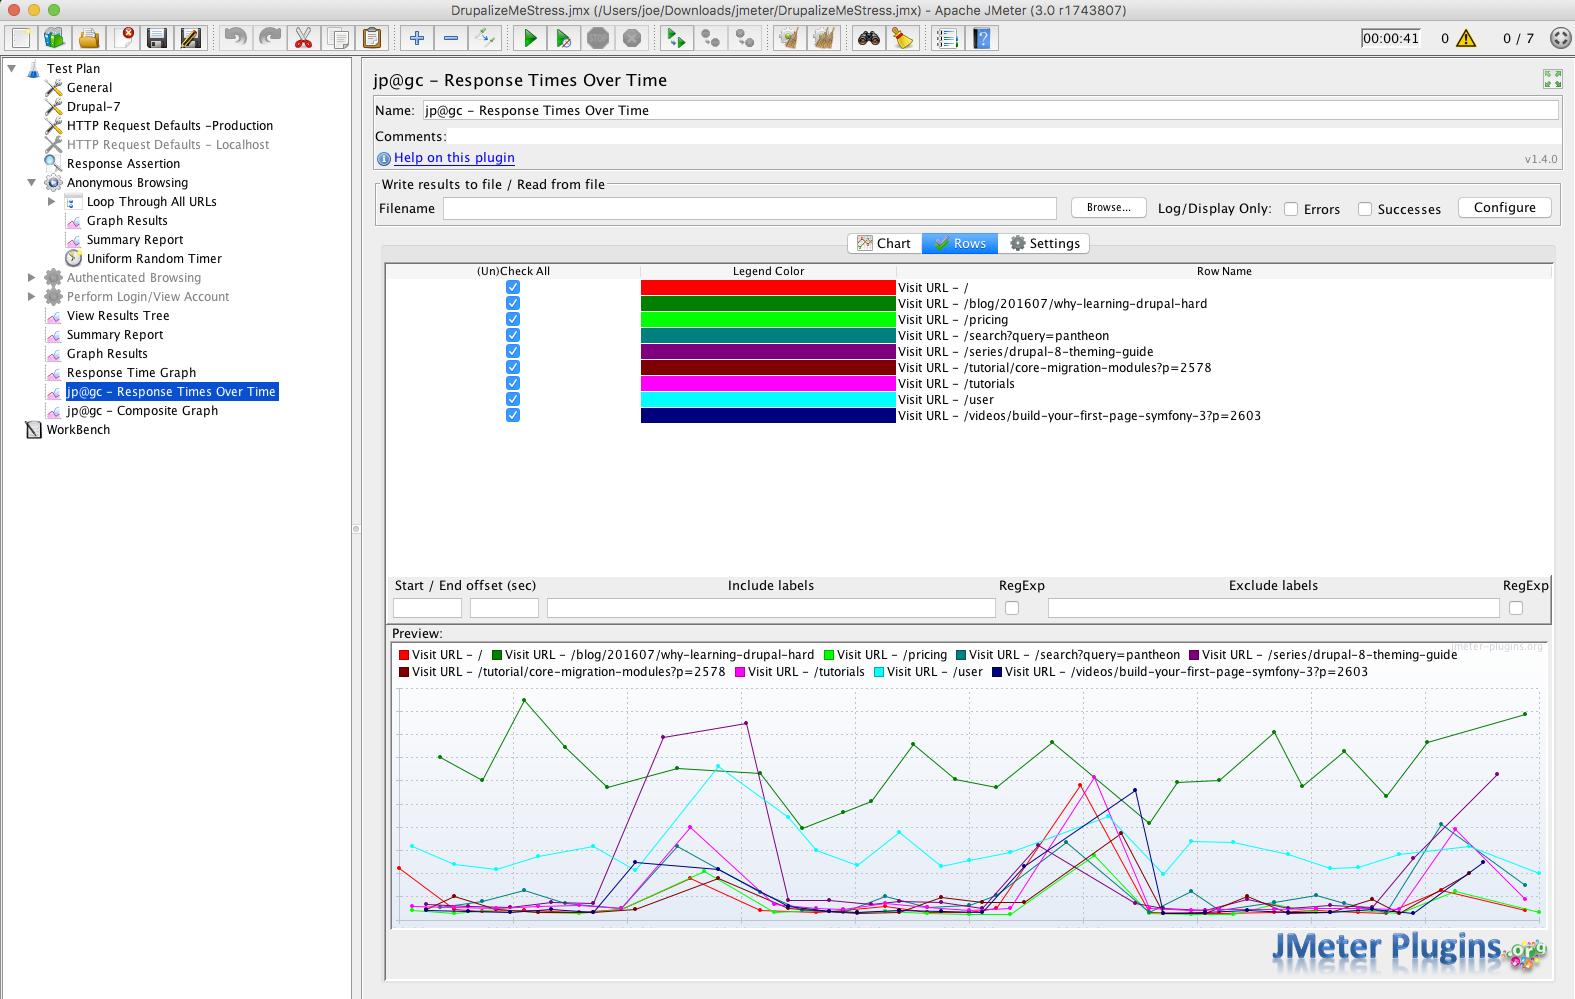 Screenshot of JMeter load testing application